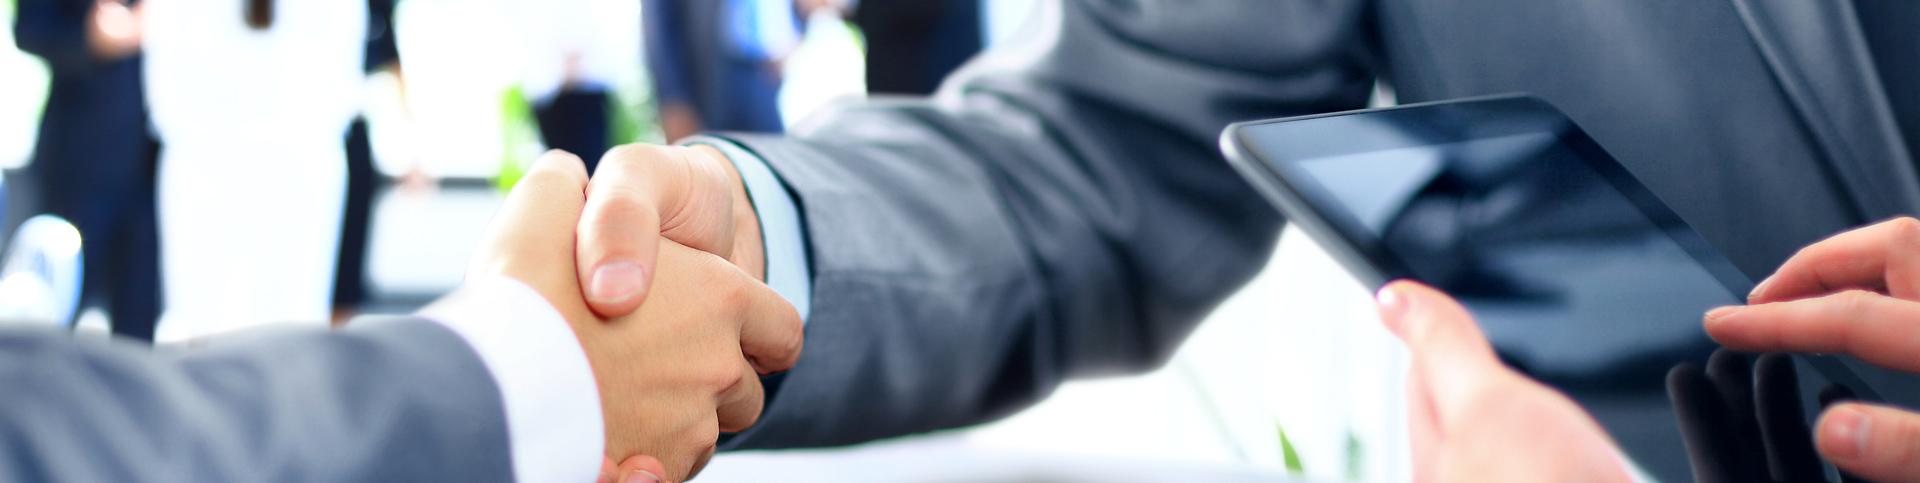 Credit Spa applica tariffe vantaggiose, inferiori a quelle proposte da banche e società concorrenti.